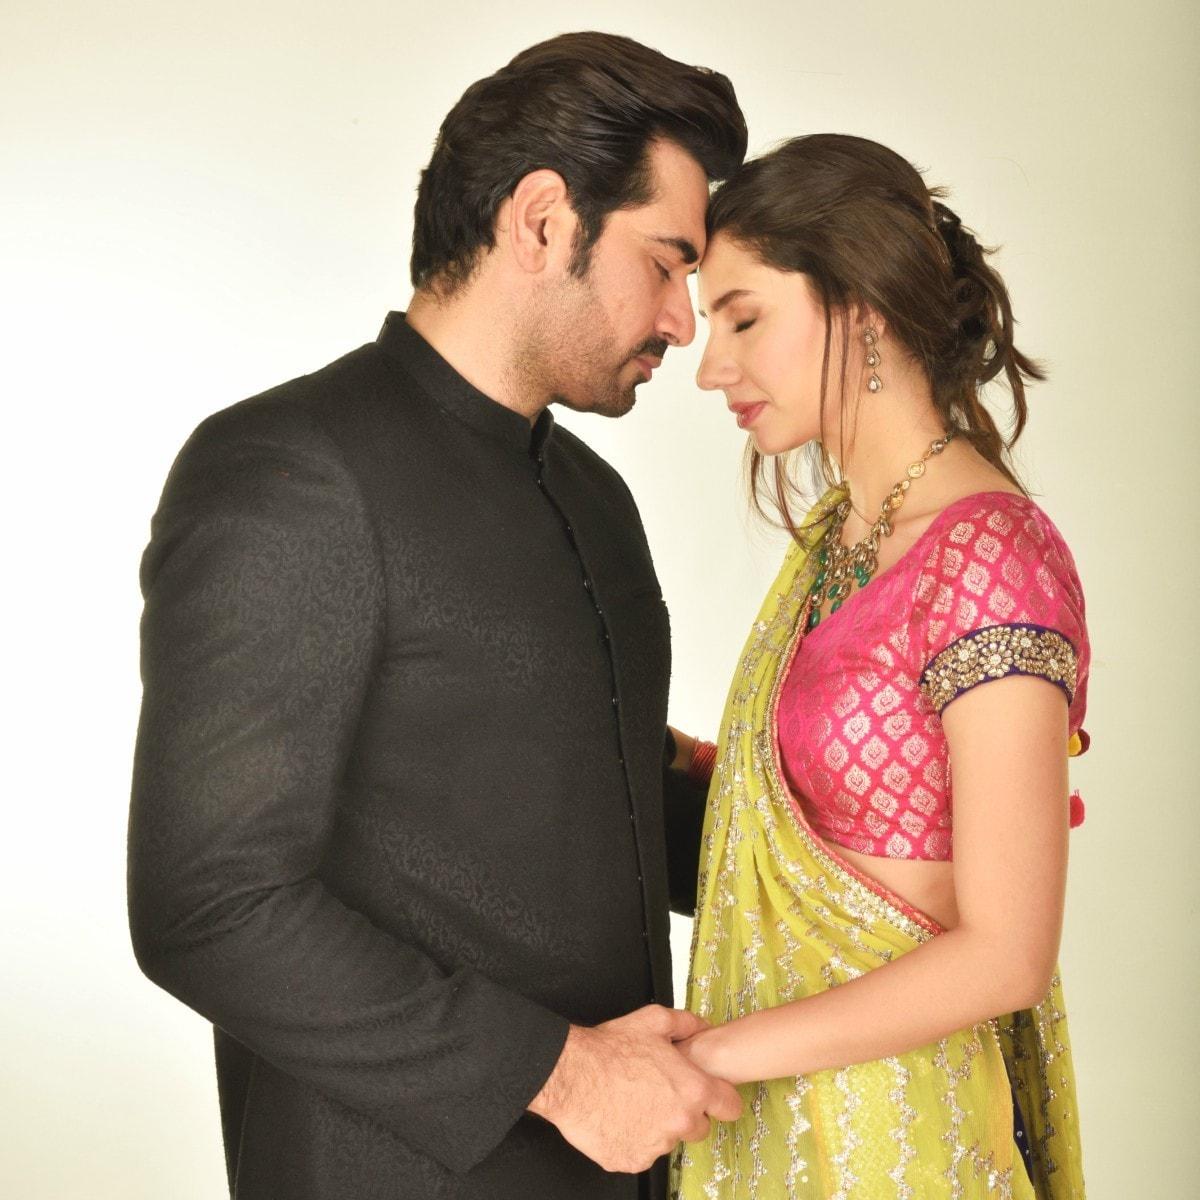 Humayun Saeed and Mahira Khan did a great job with their acting